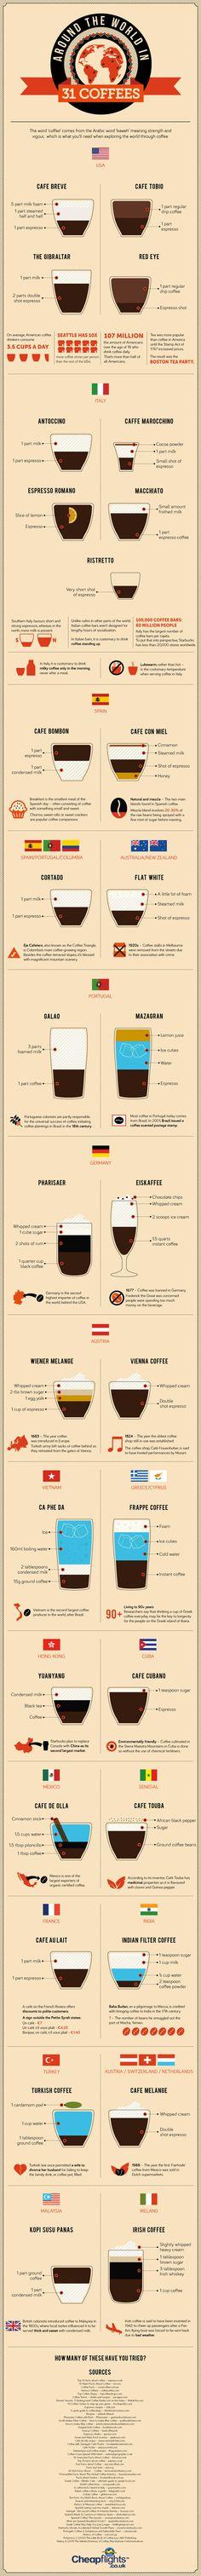 31 modi originali di preparare il caffè nel mondo